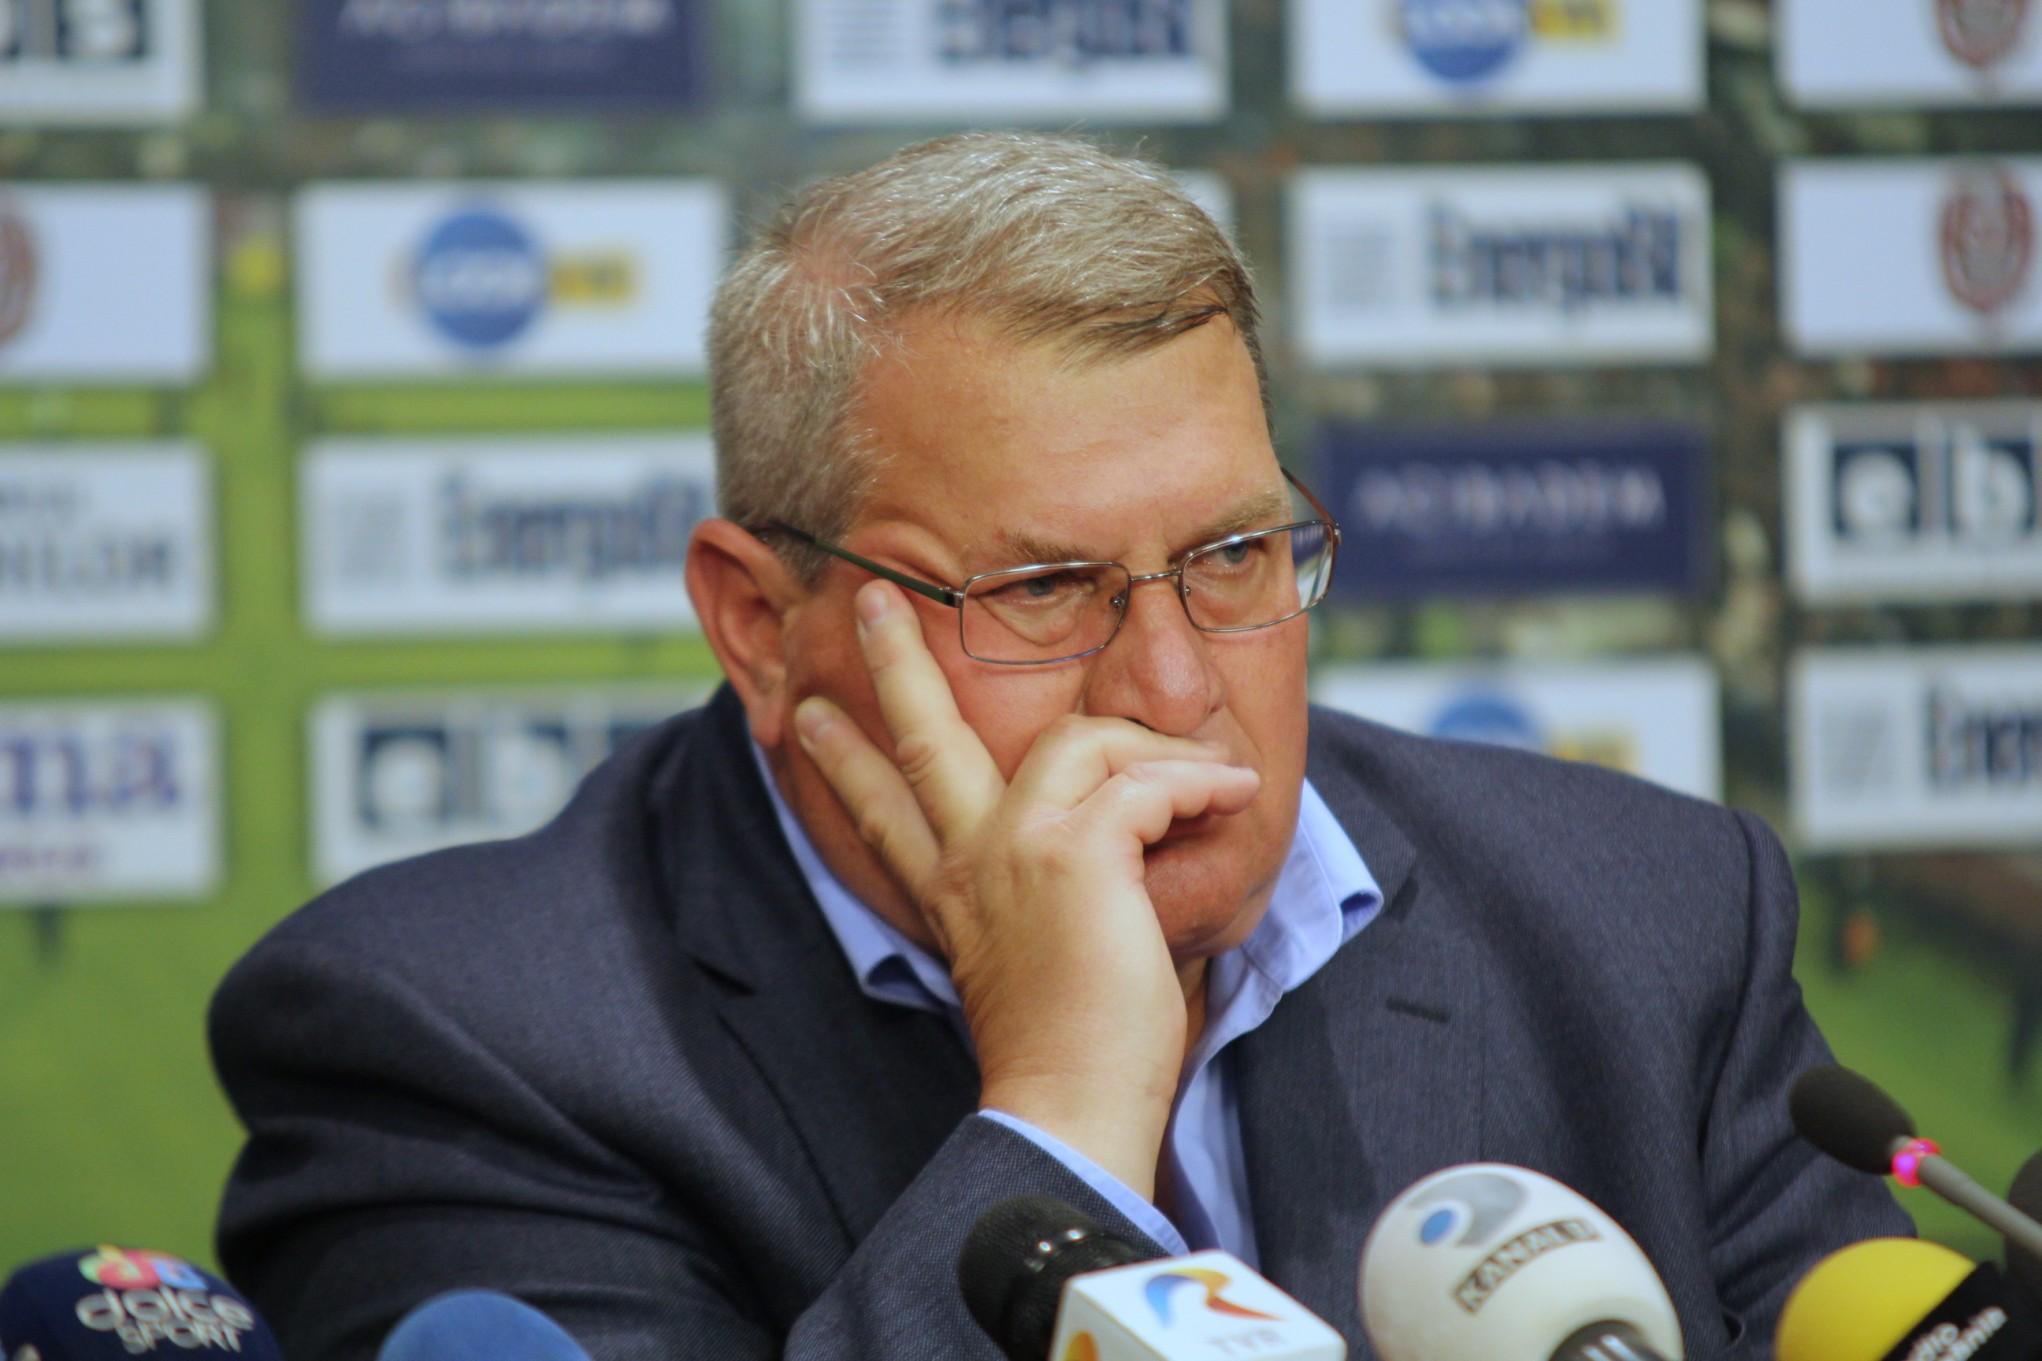 Tribunalul de Arbitraj Sportiv (TAS) a amânat până pe 29 ianuarie soluţionarea litigiului dintre CFR Cluj şi FRF cu privire la penalitatea de şase puncte / Foto: Dan Bodea